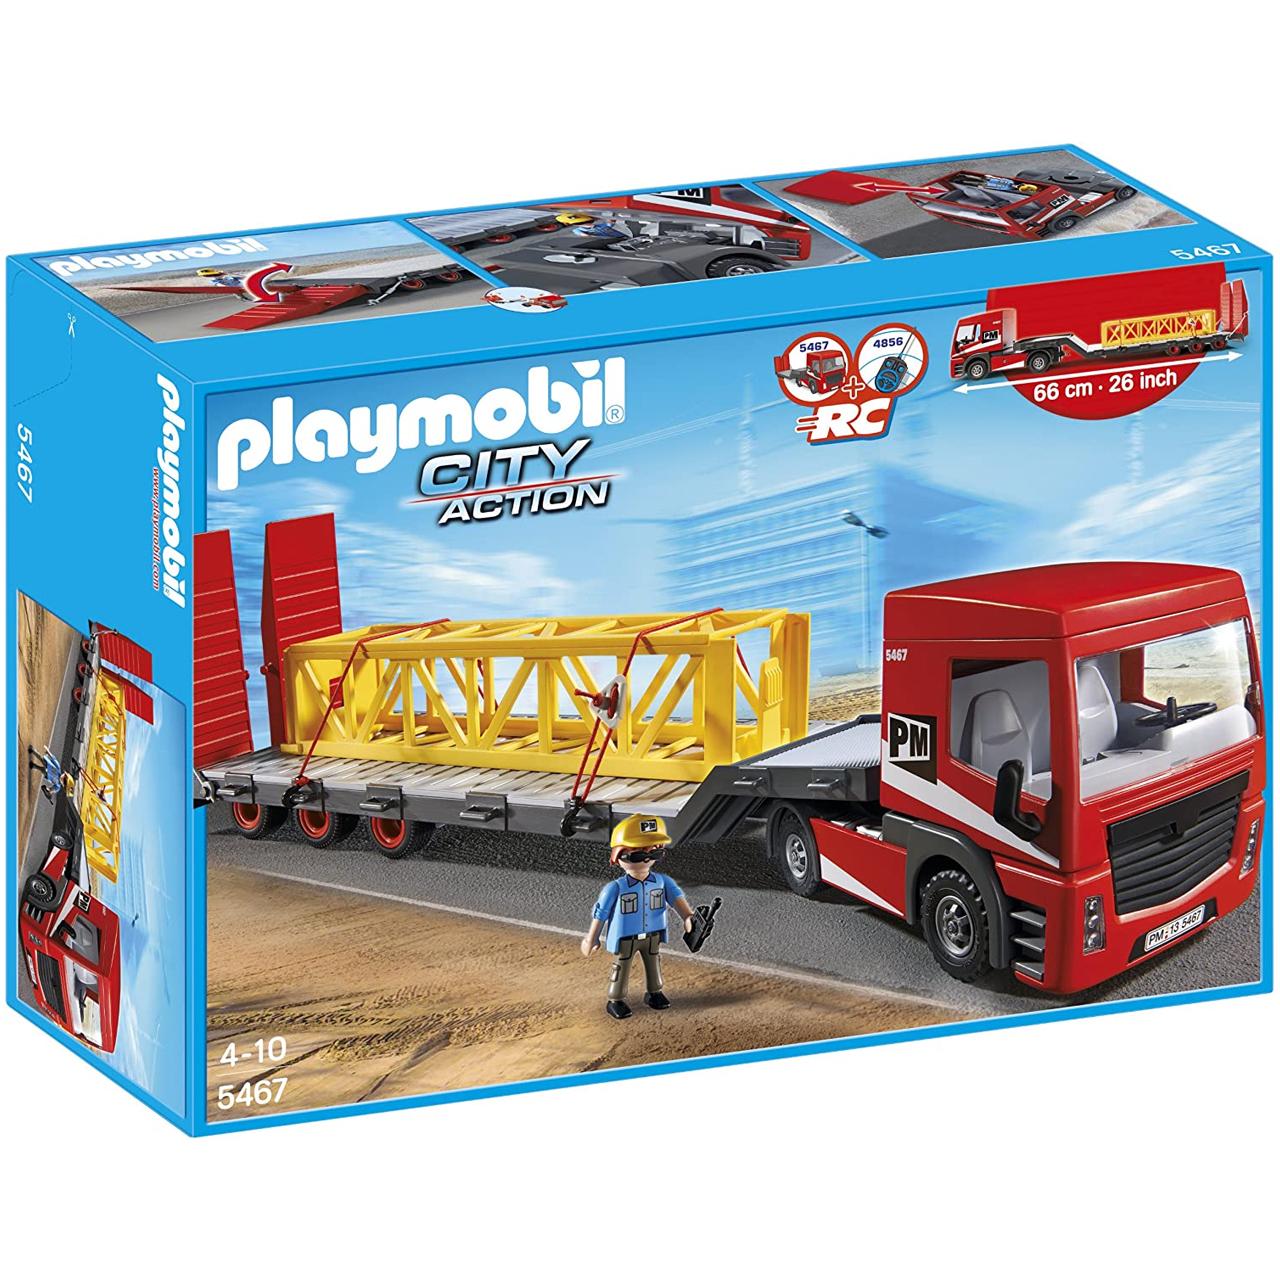 ساختنی پلی موبیل مدل تریلی کد 5467